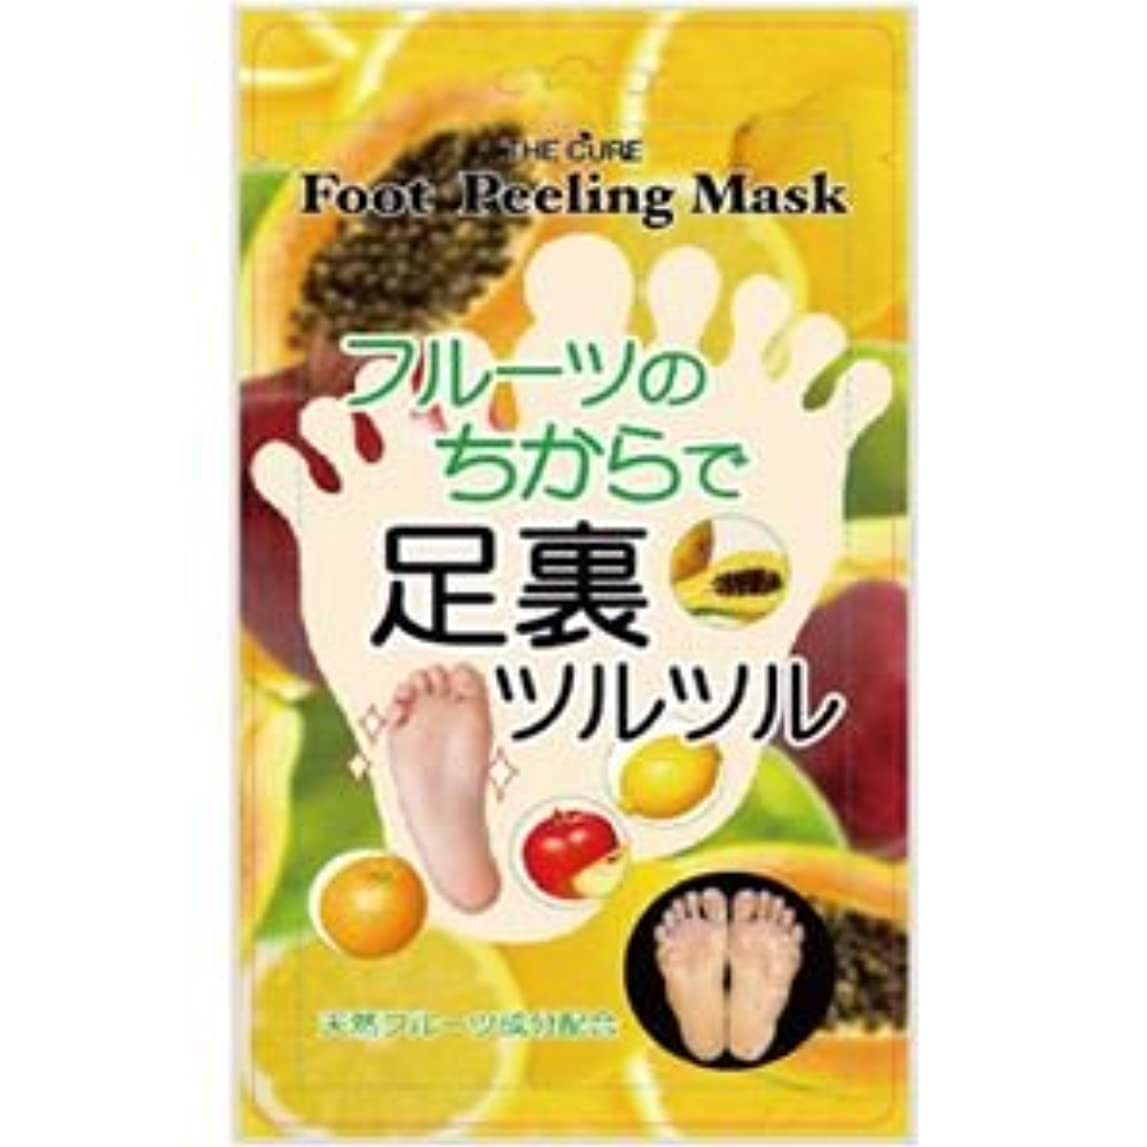 ダッシュ検体連鎖(まとめ買い)THE CURE フットピーリングマスク 40ml×3セット